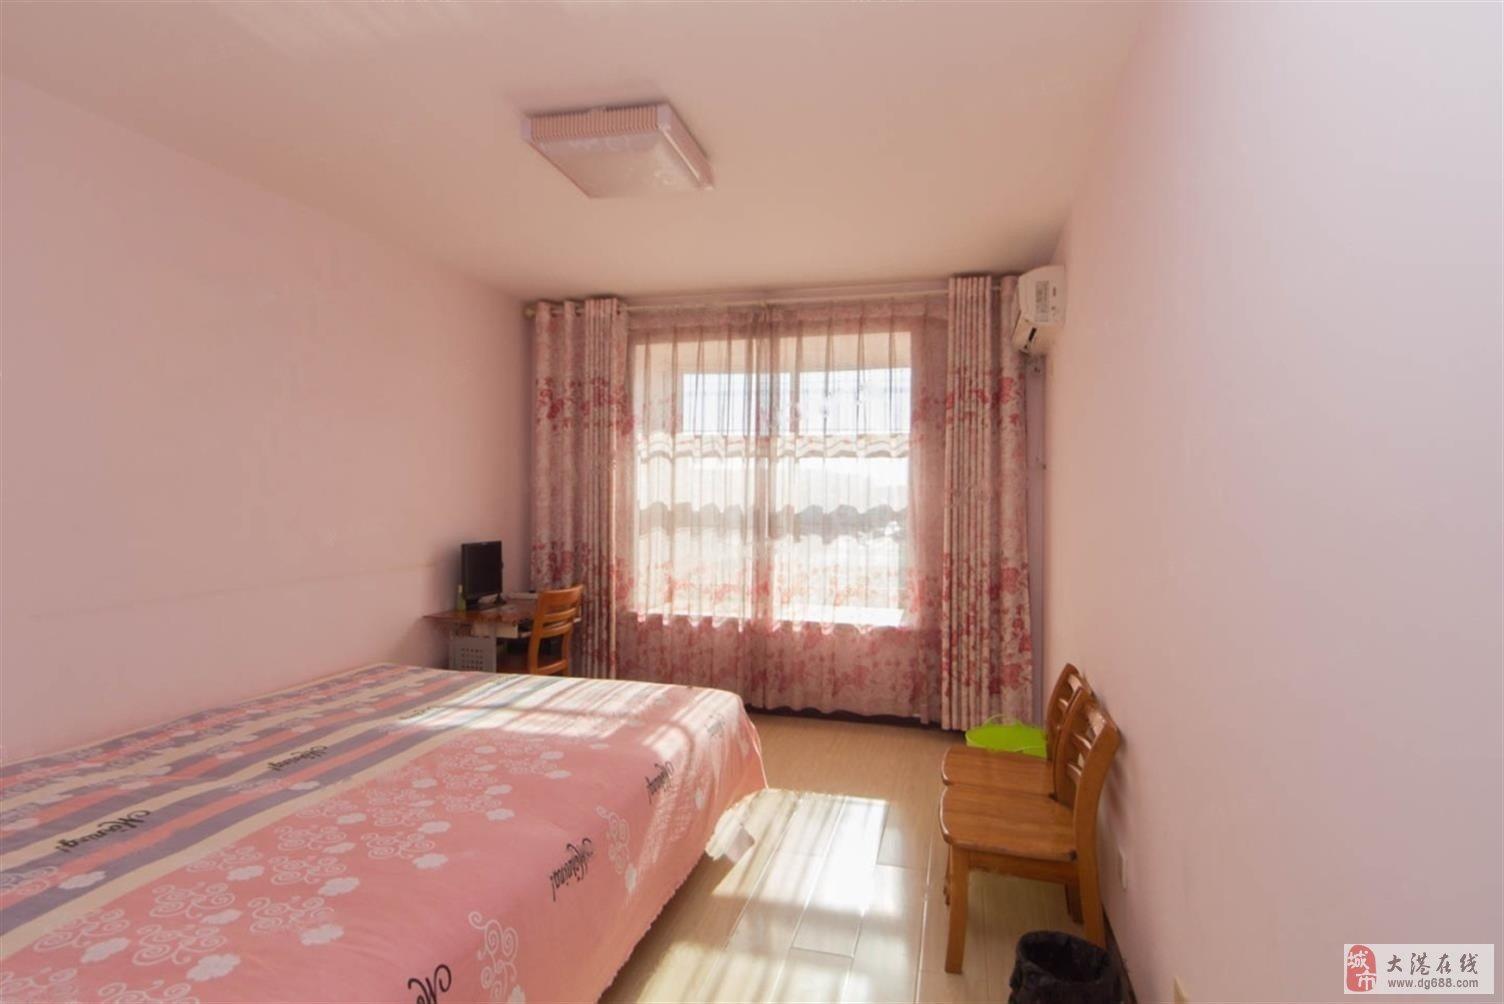 春港花园便宜的大三室跨厅通厅,好楼层,性价比超高